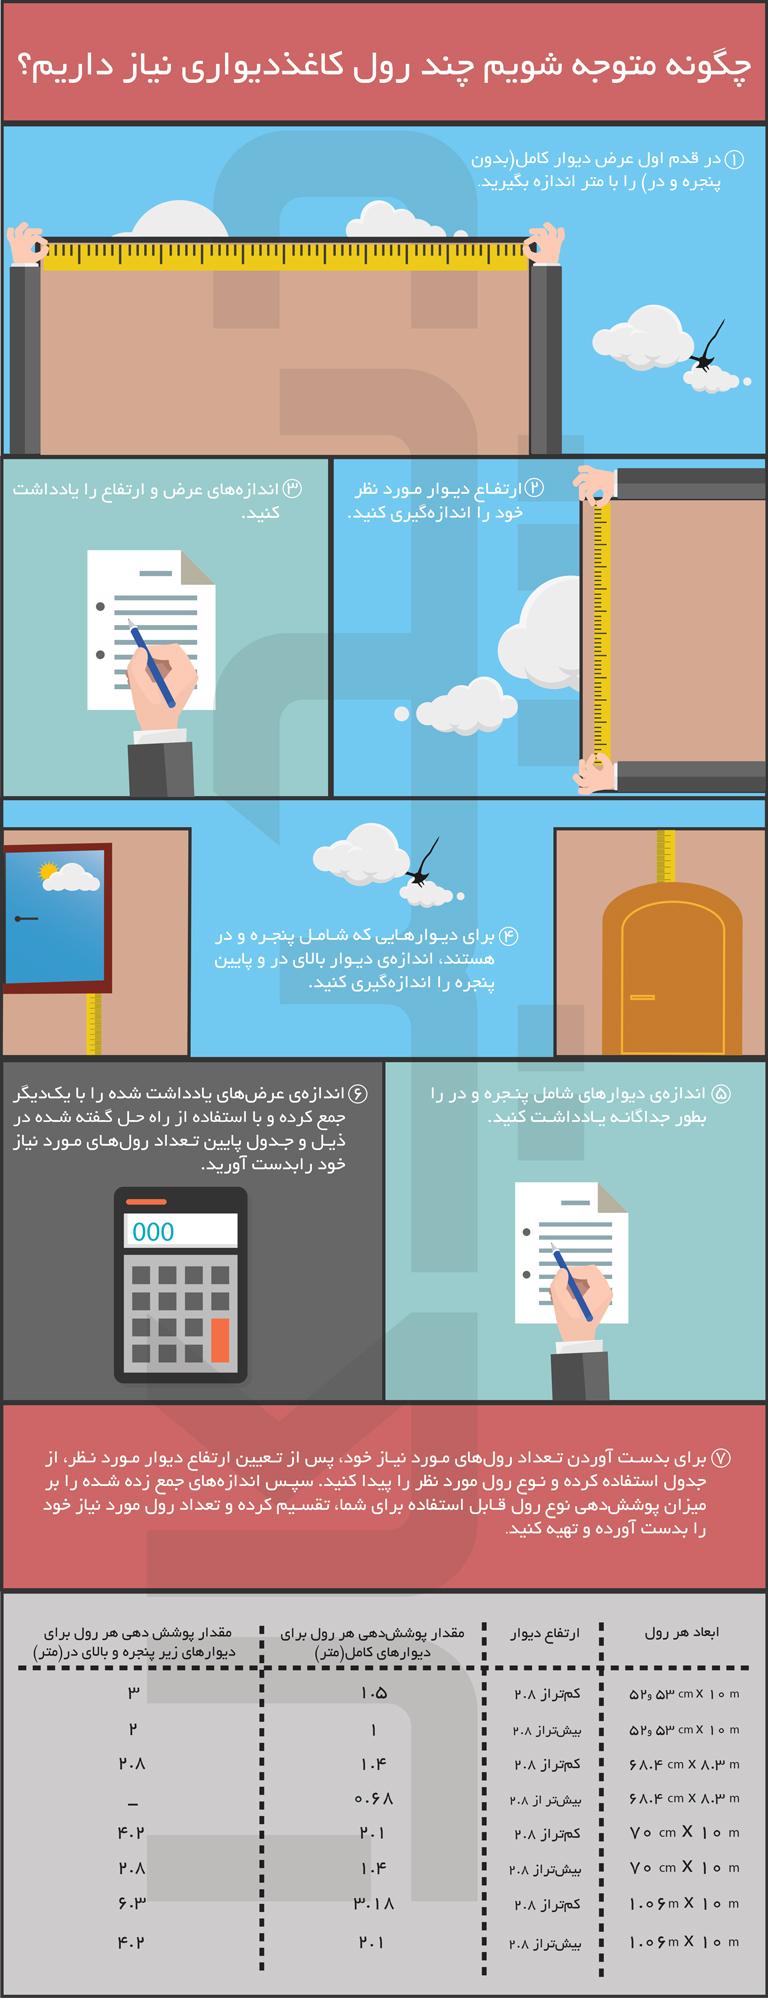 کاغذ دیواری والکویست آلبوم نوویا مدل AR30202 infographic